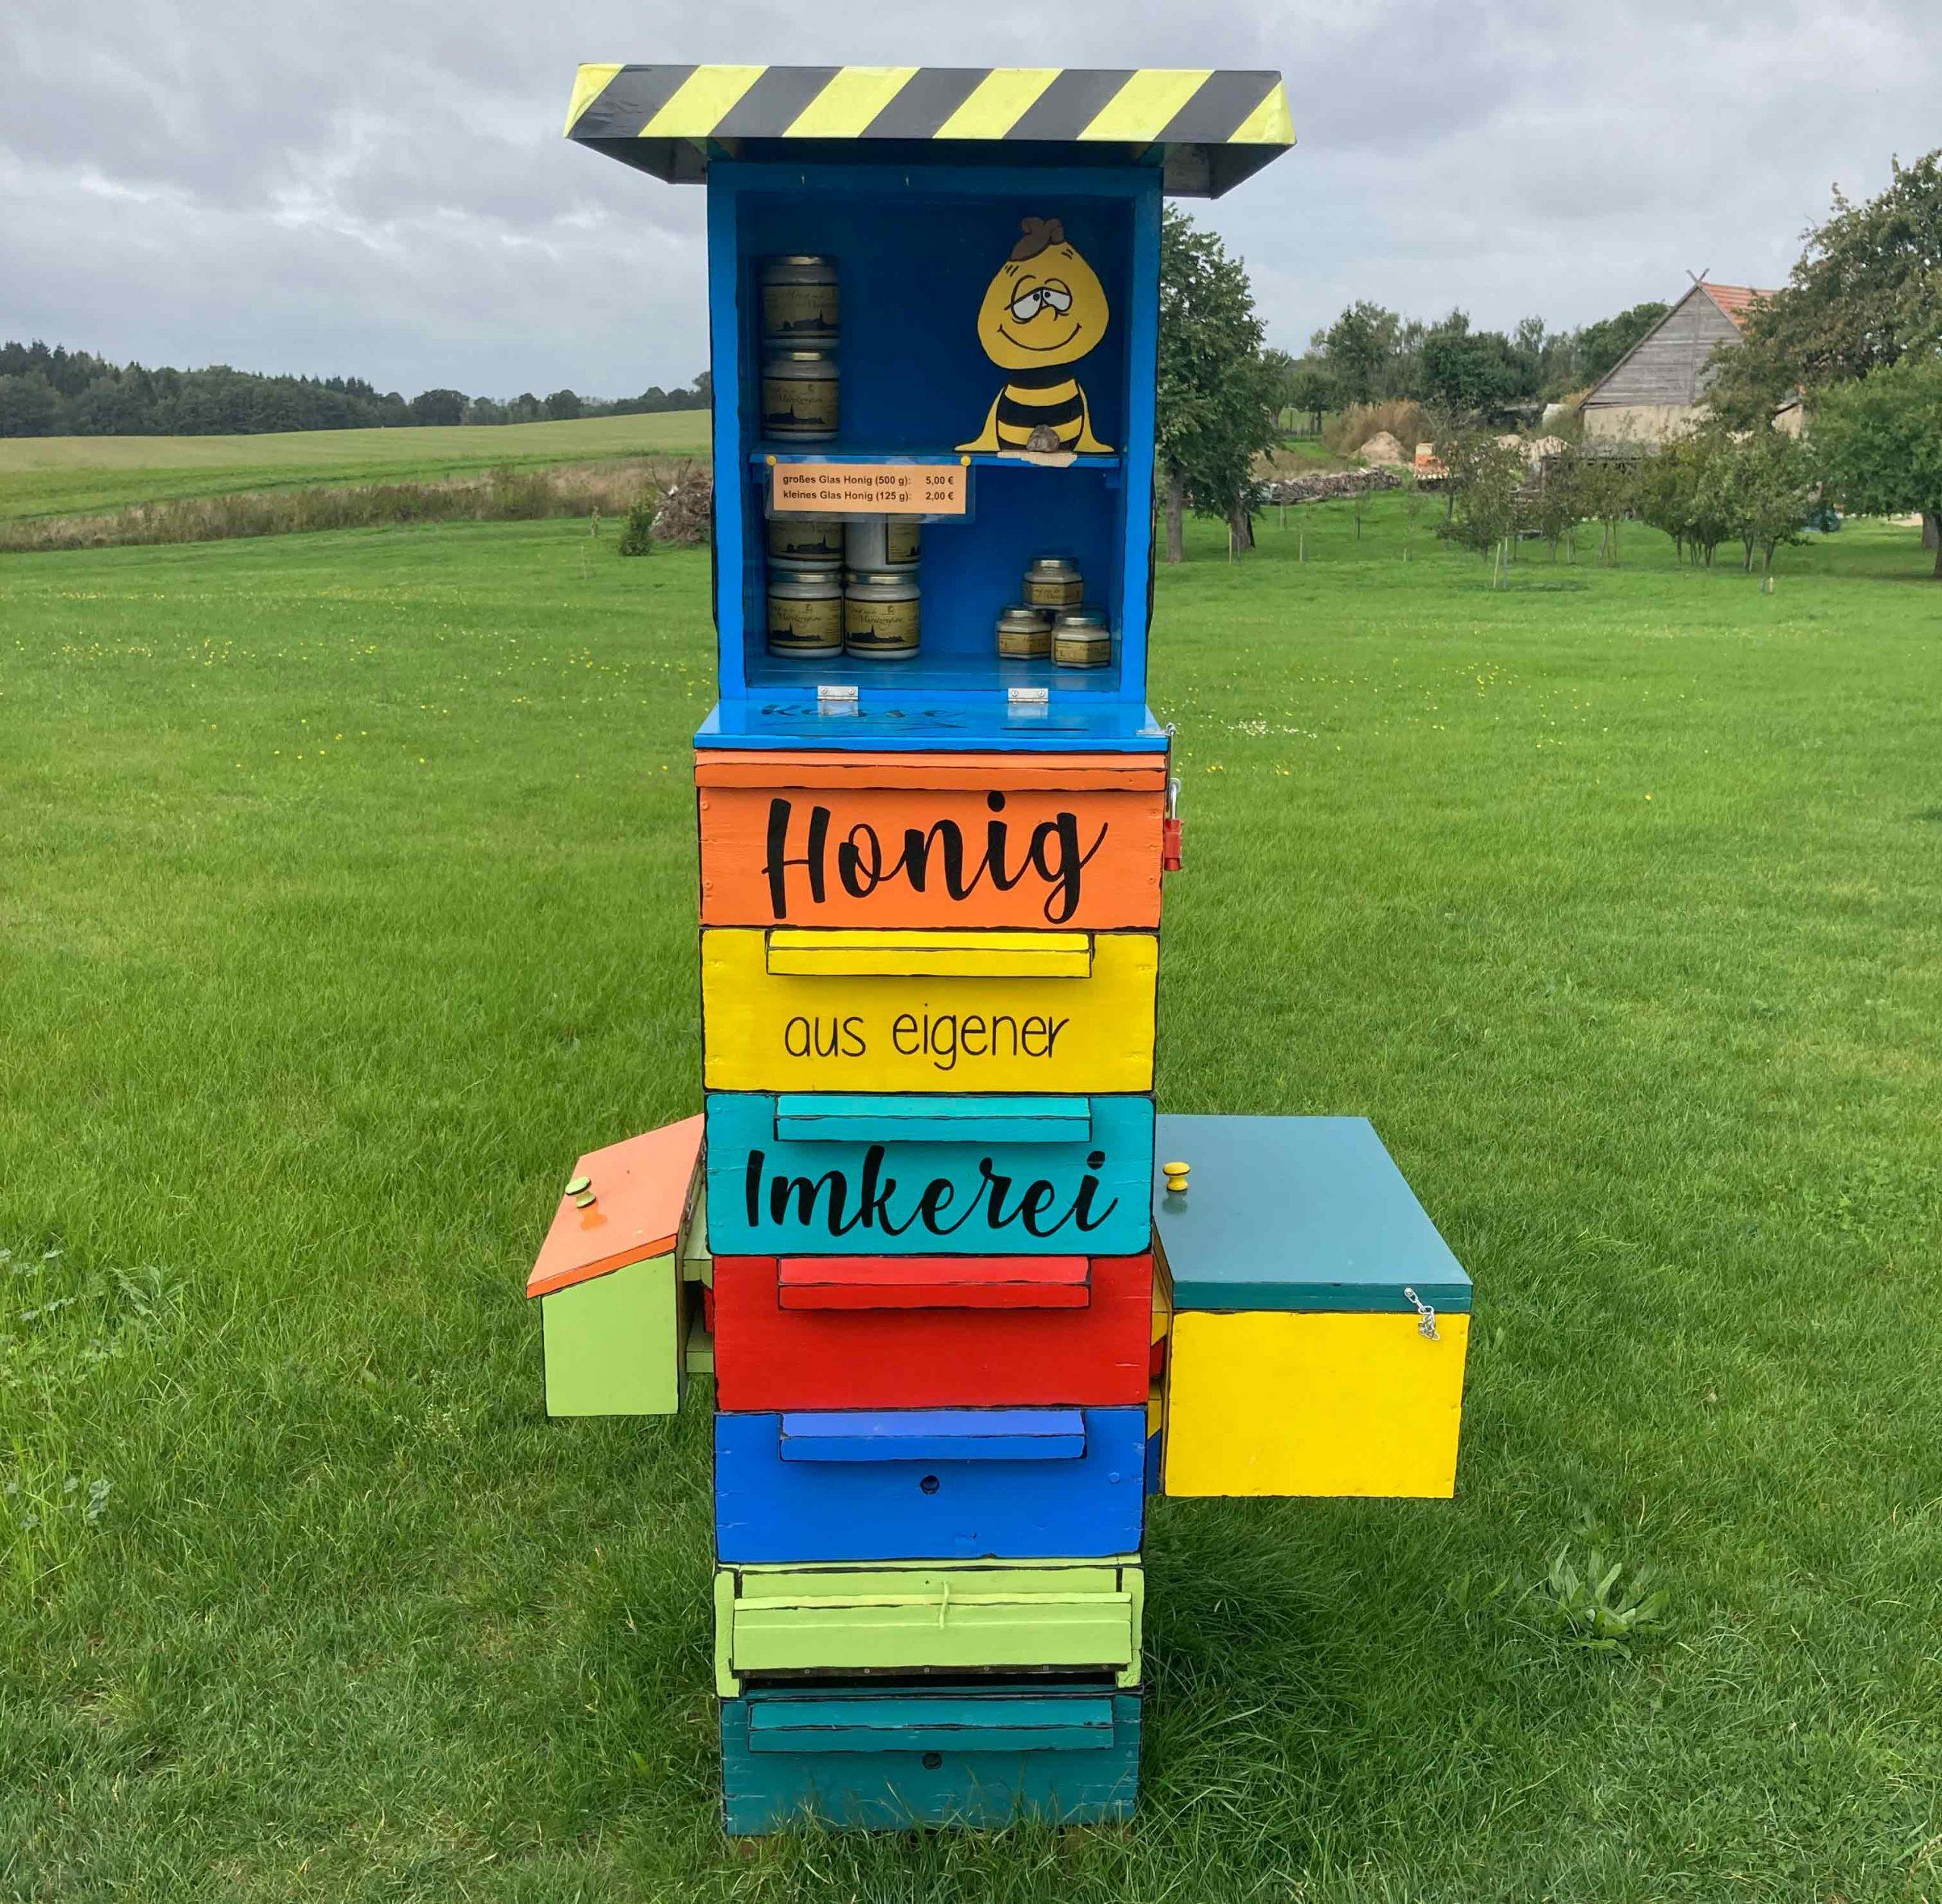 Regionaler Honig vom Imker